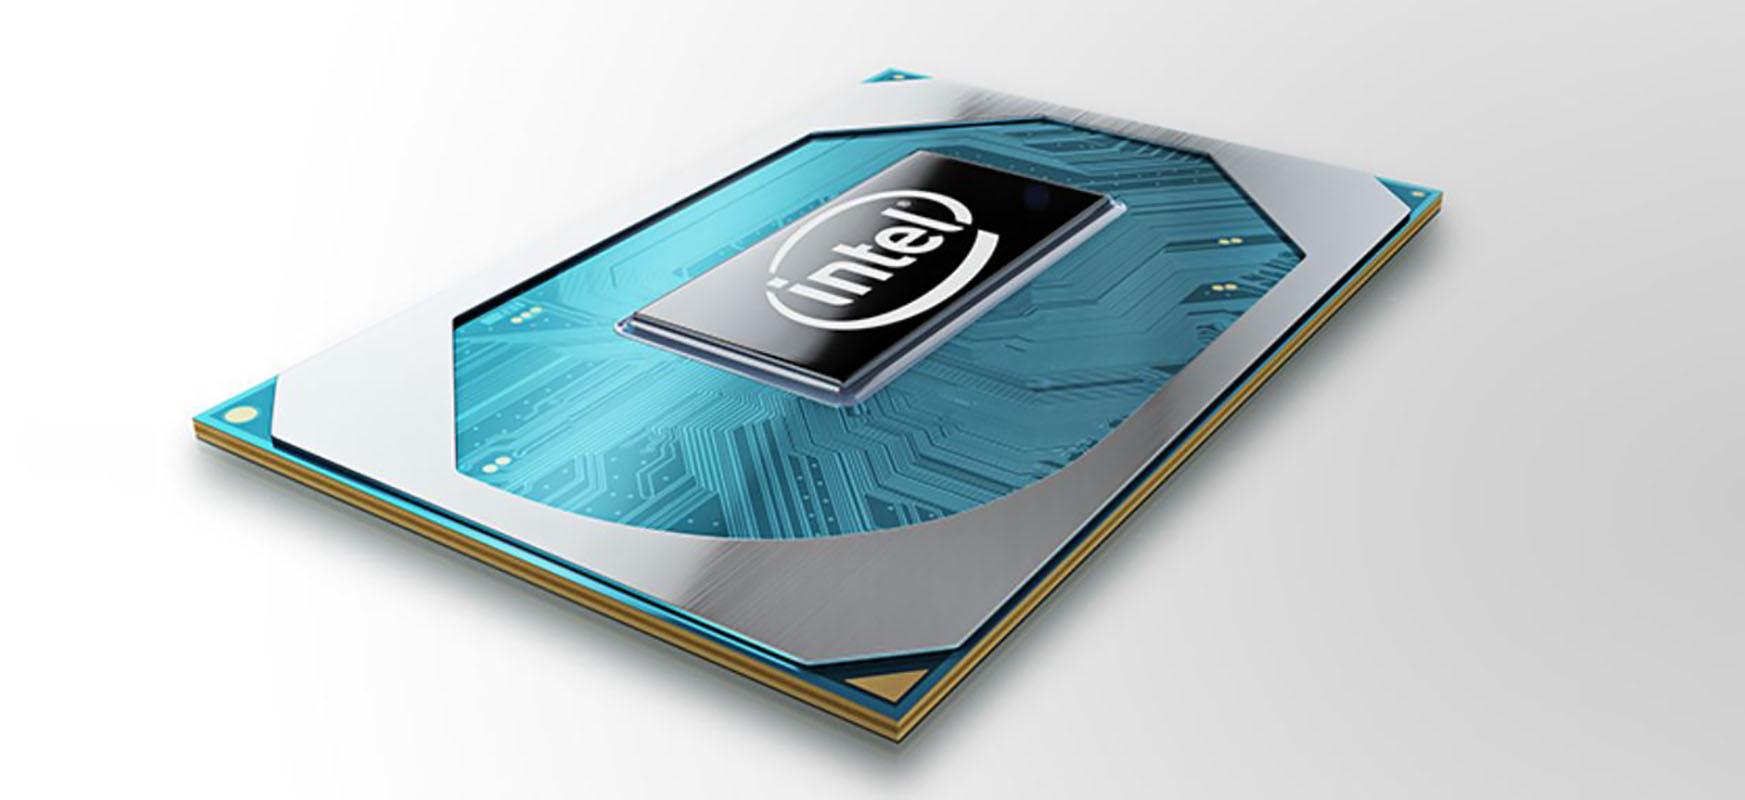 Turbocharging-era 5 GHz.  Intelek prozesadoreak aurkezten ditu koaderno boteretsuenetarako